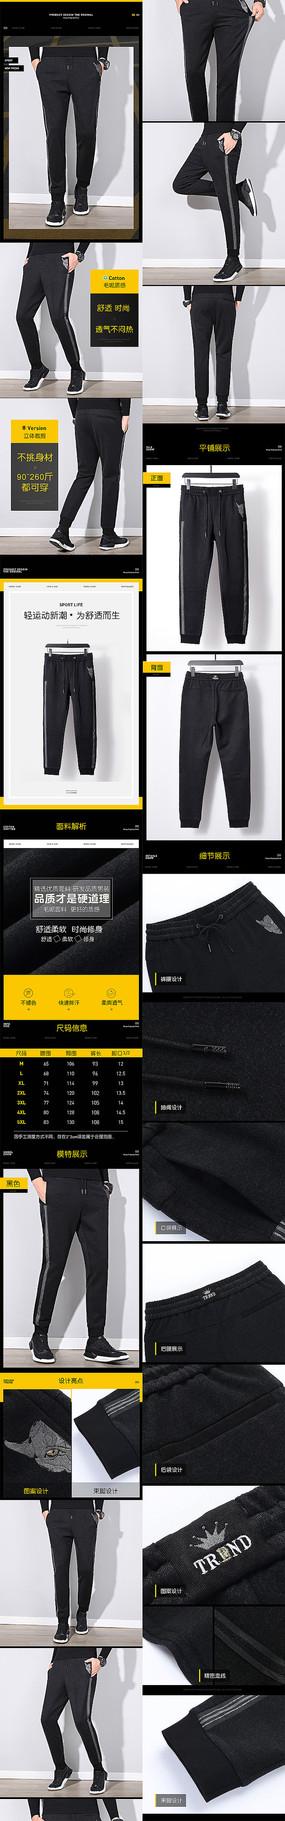 淘宝天猫男装休闲裤详情页设计 PSD